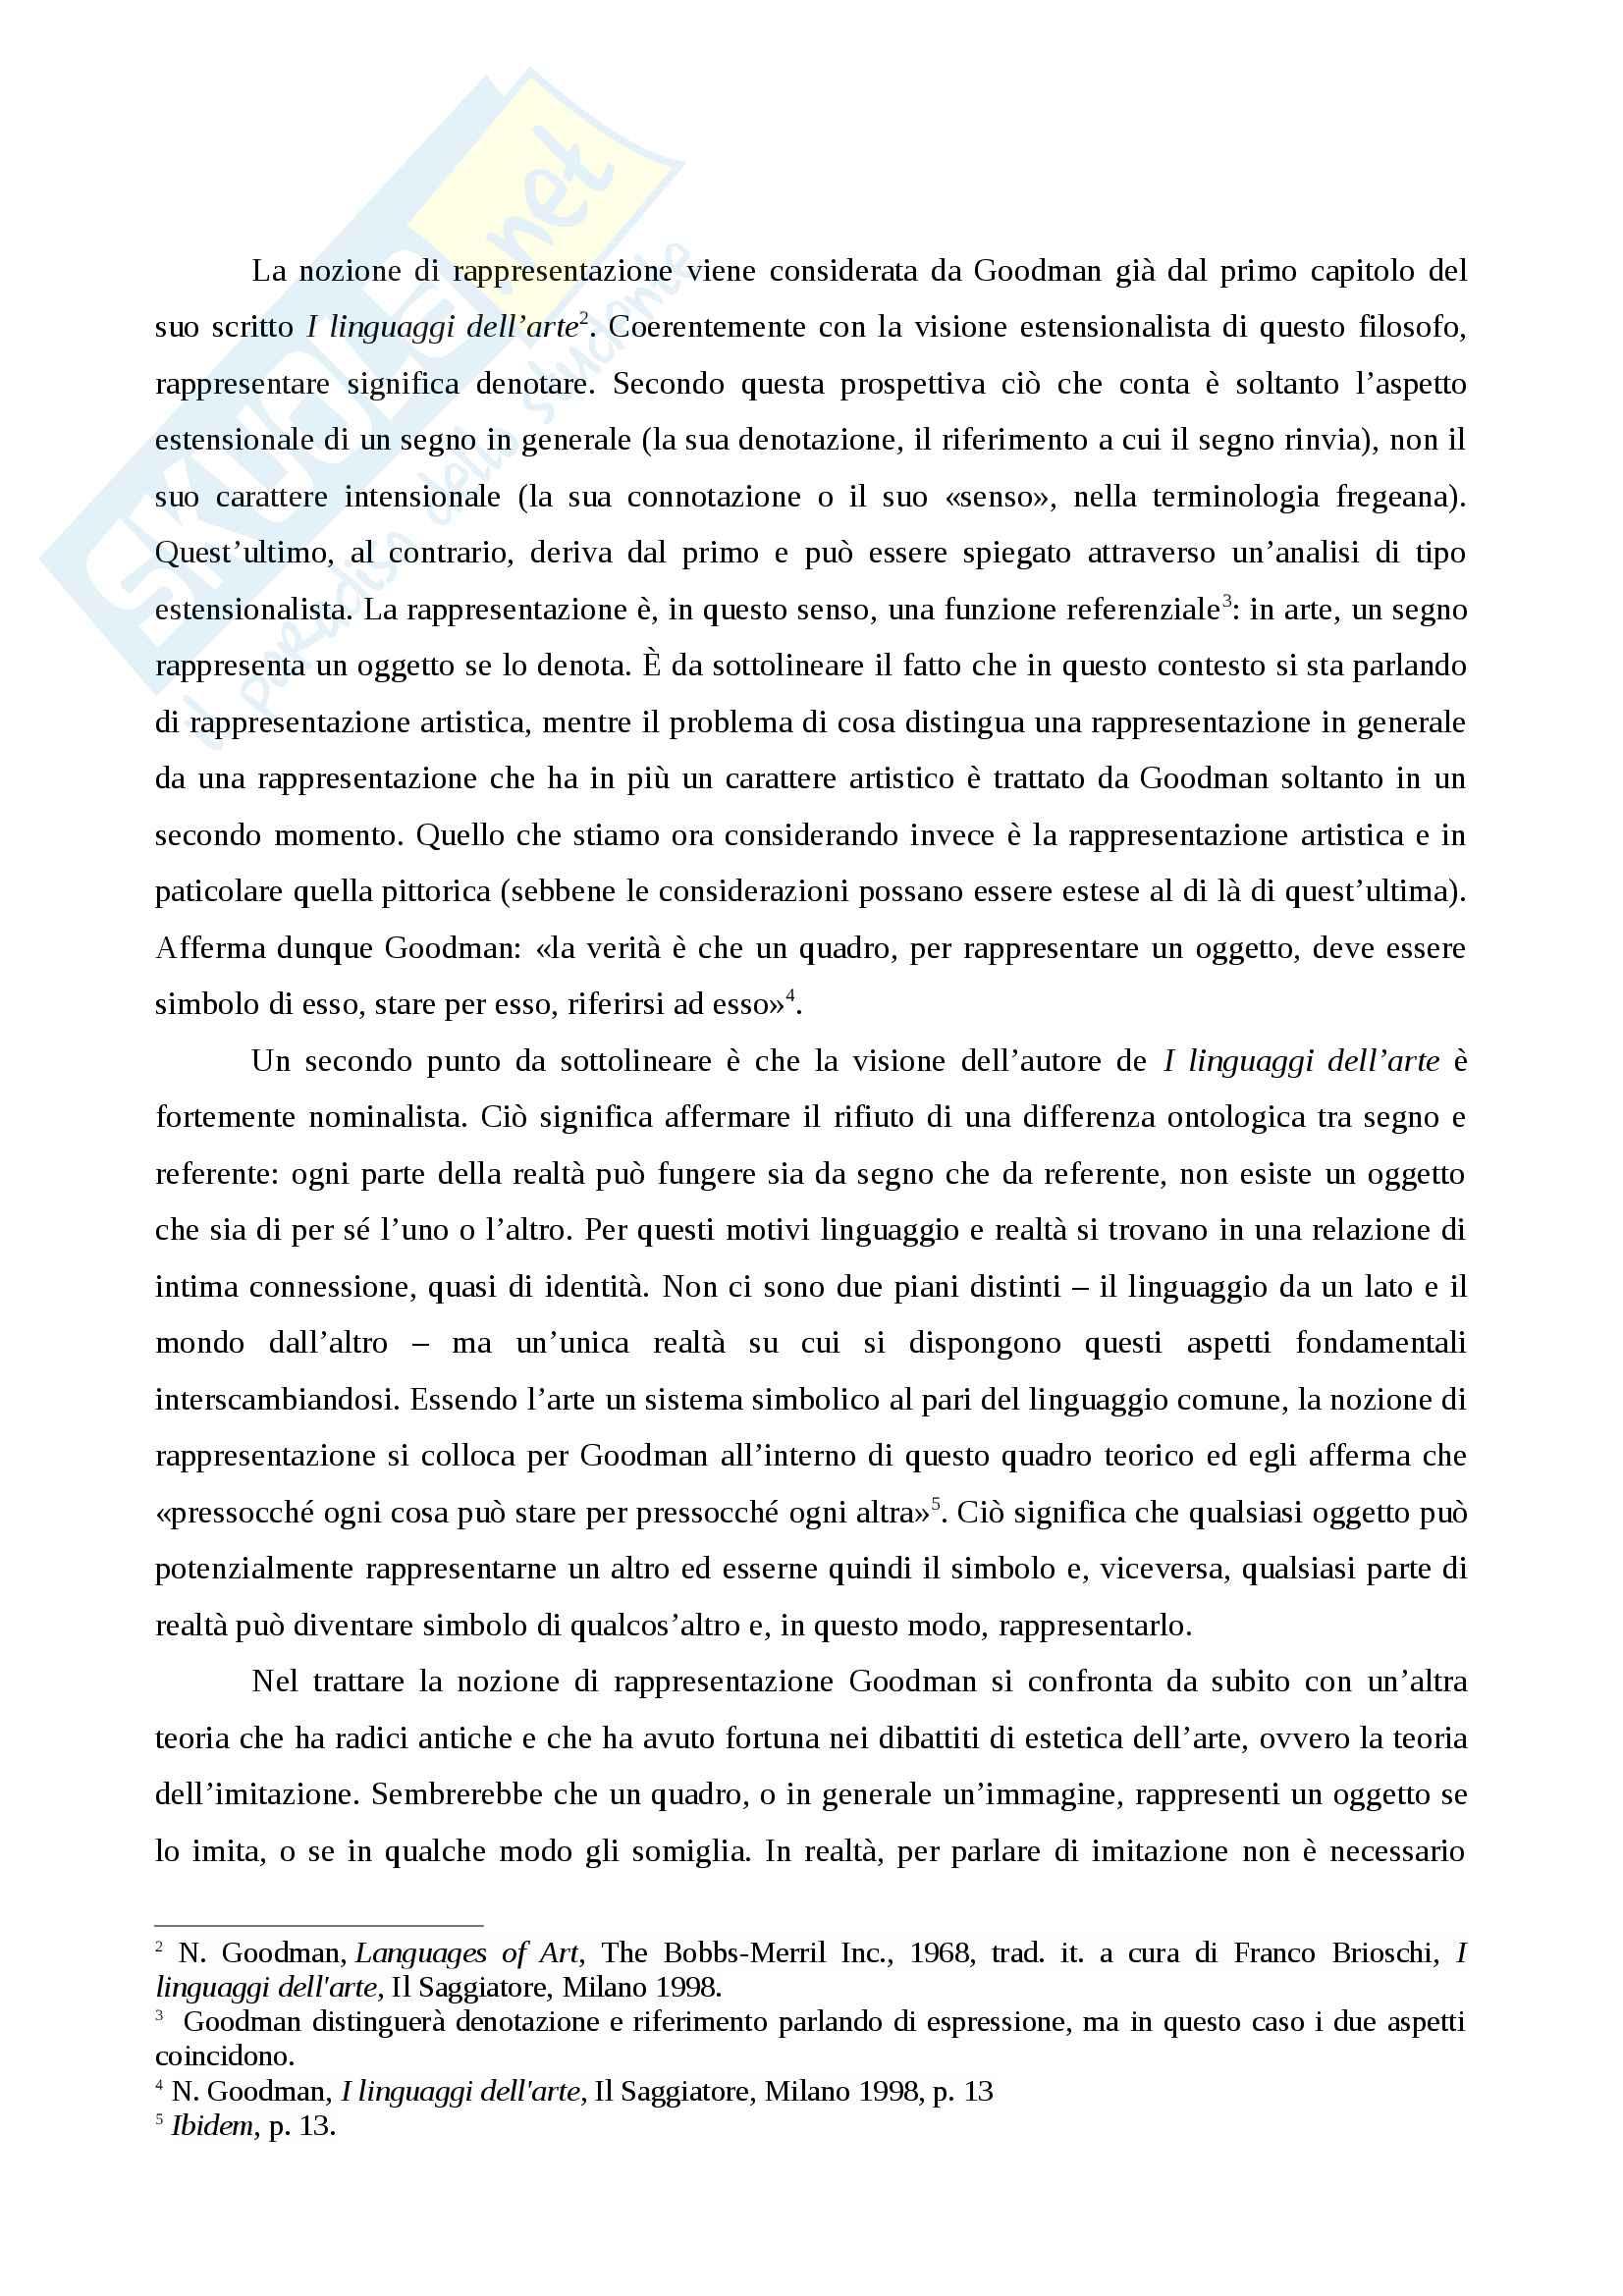 Riassunto esame Estetica contemporeanea, prof. Matteucci, libri consigliati I linguaggi dell'arte, Goodman, La trasfigurazione del banale, Danto,  L'arte e i suoi oggetti, Wollheim Pag. 2